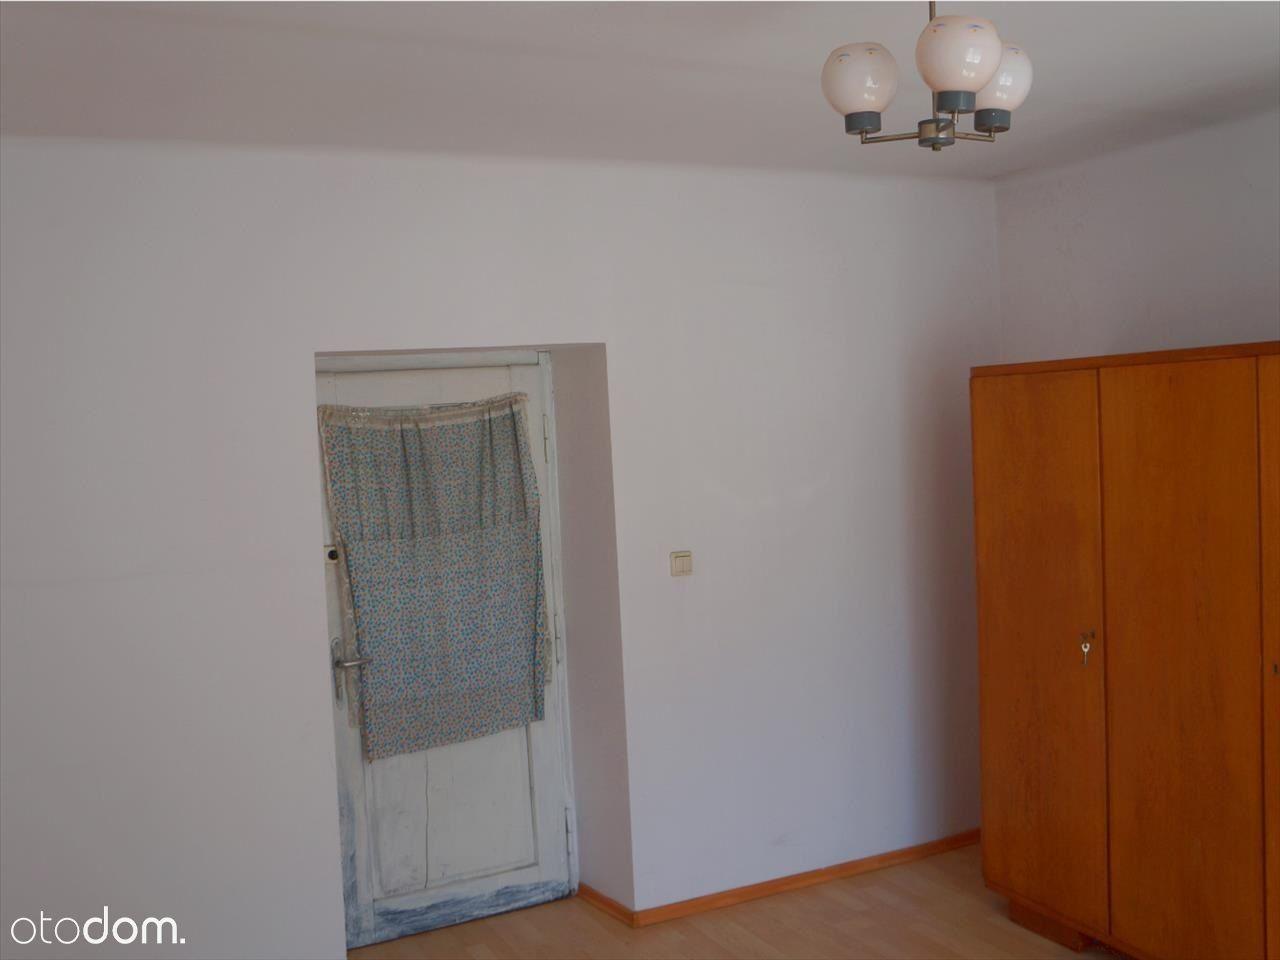 Dom na sprzedaż, Błażowa, rzeszowski, podkarpackie - Foto 4